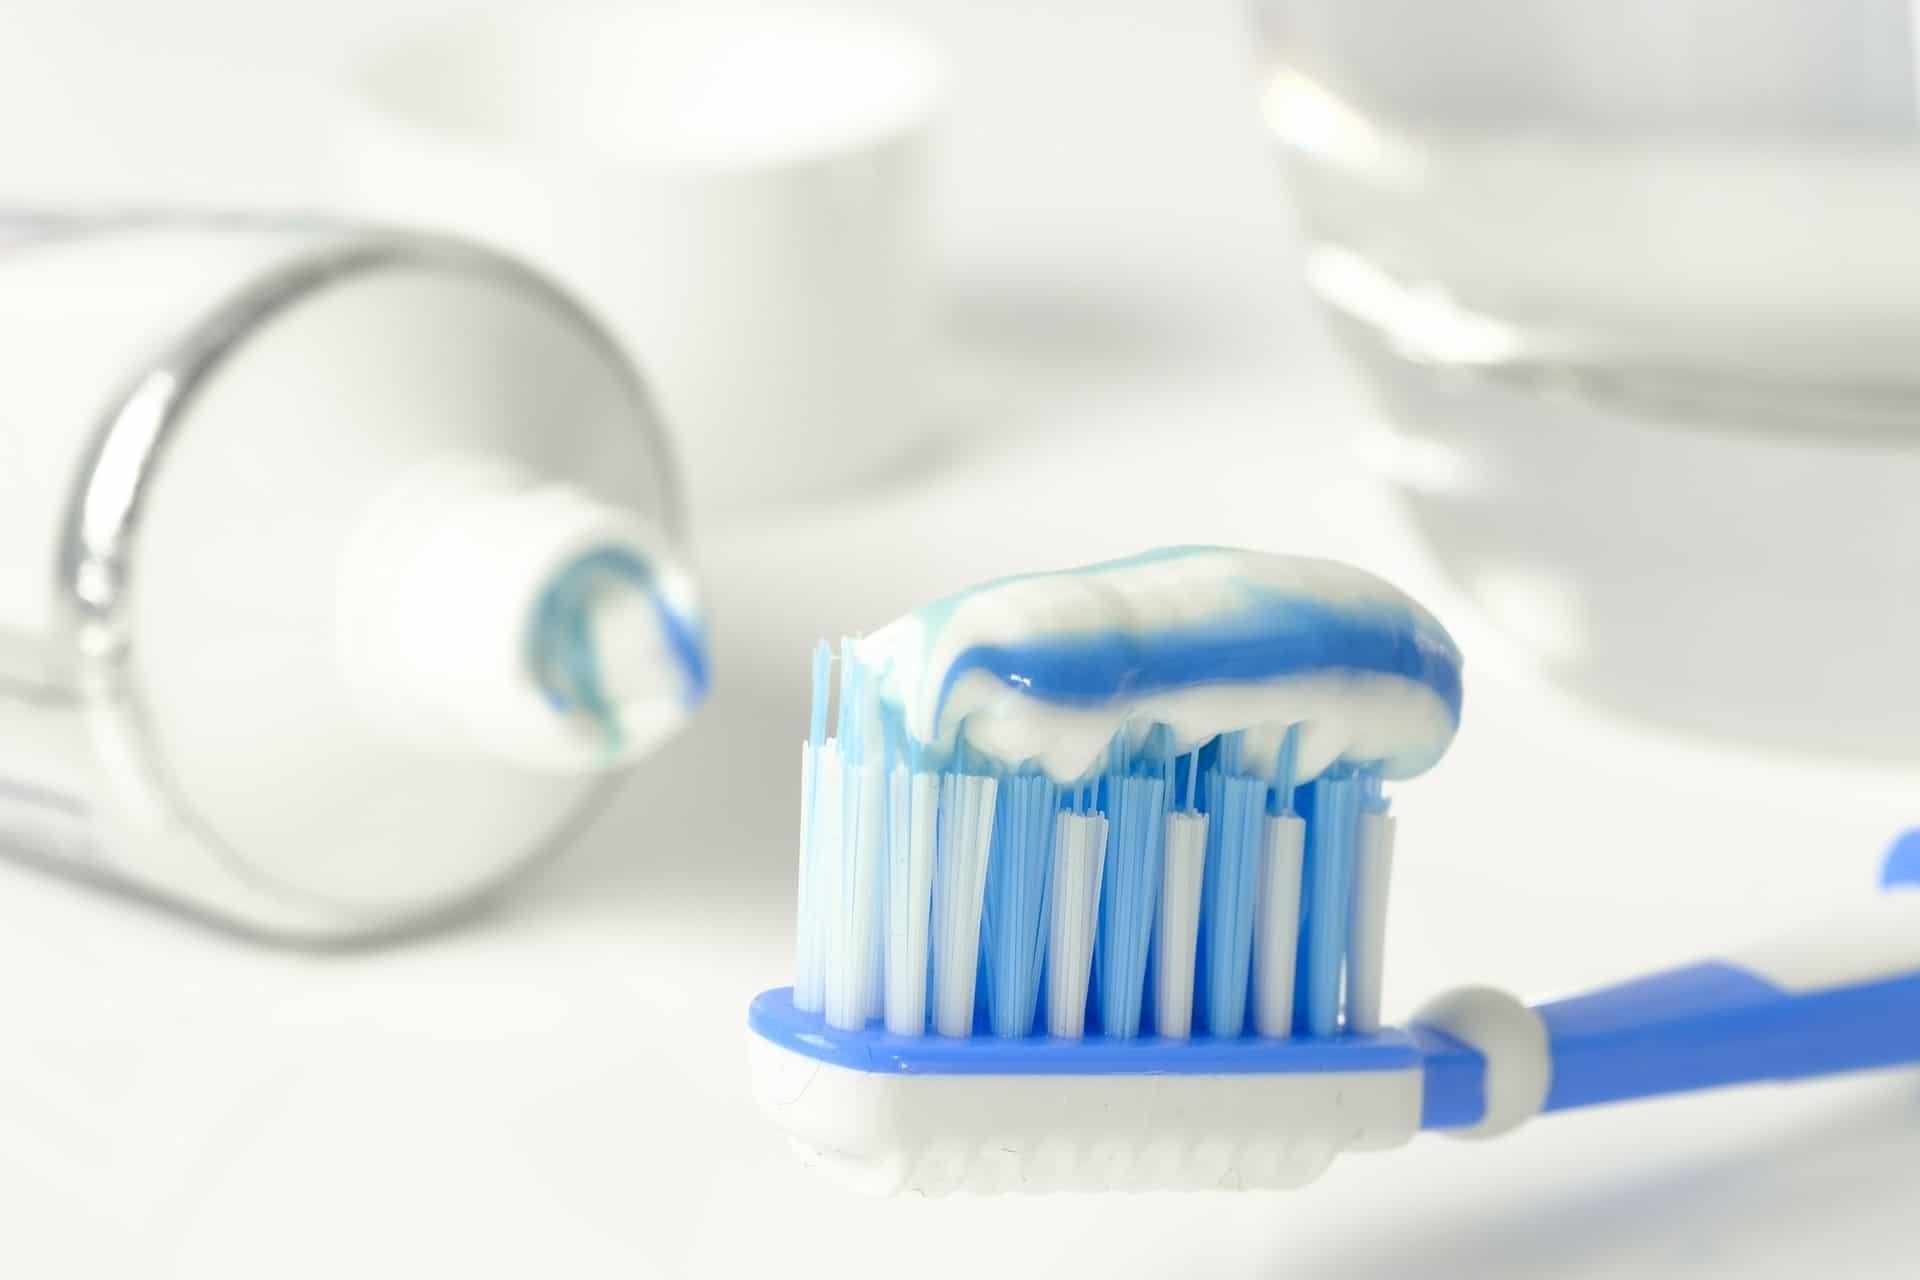 Imagem de escova de dentes branca e azul com pasta de dente branca e azul com tubo de pasta de dentes ao fundo sobre uma bancada branca.